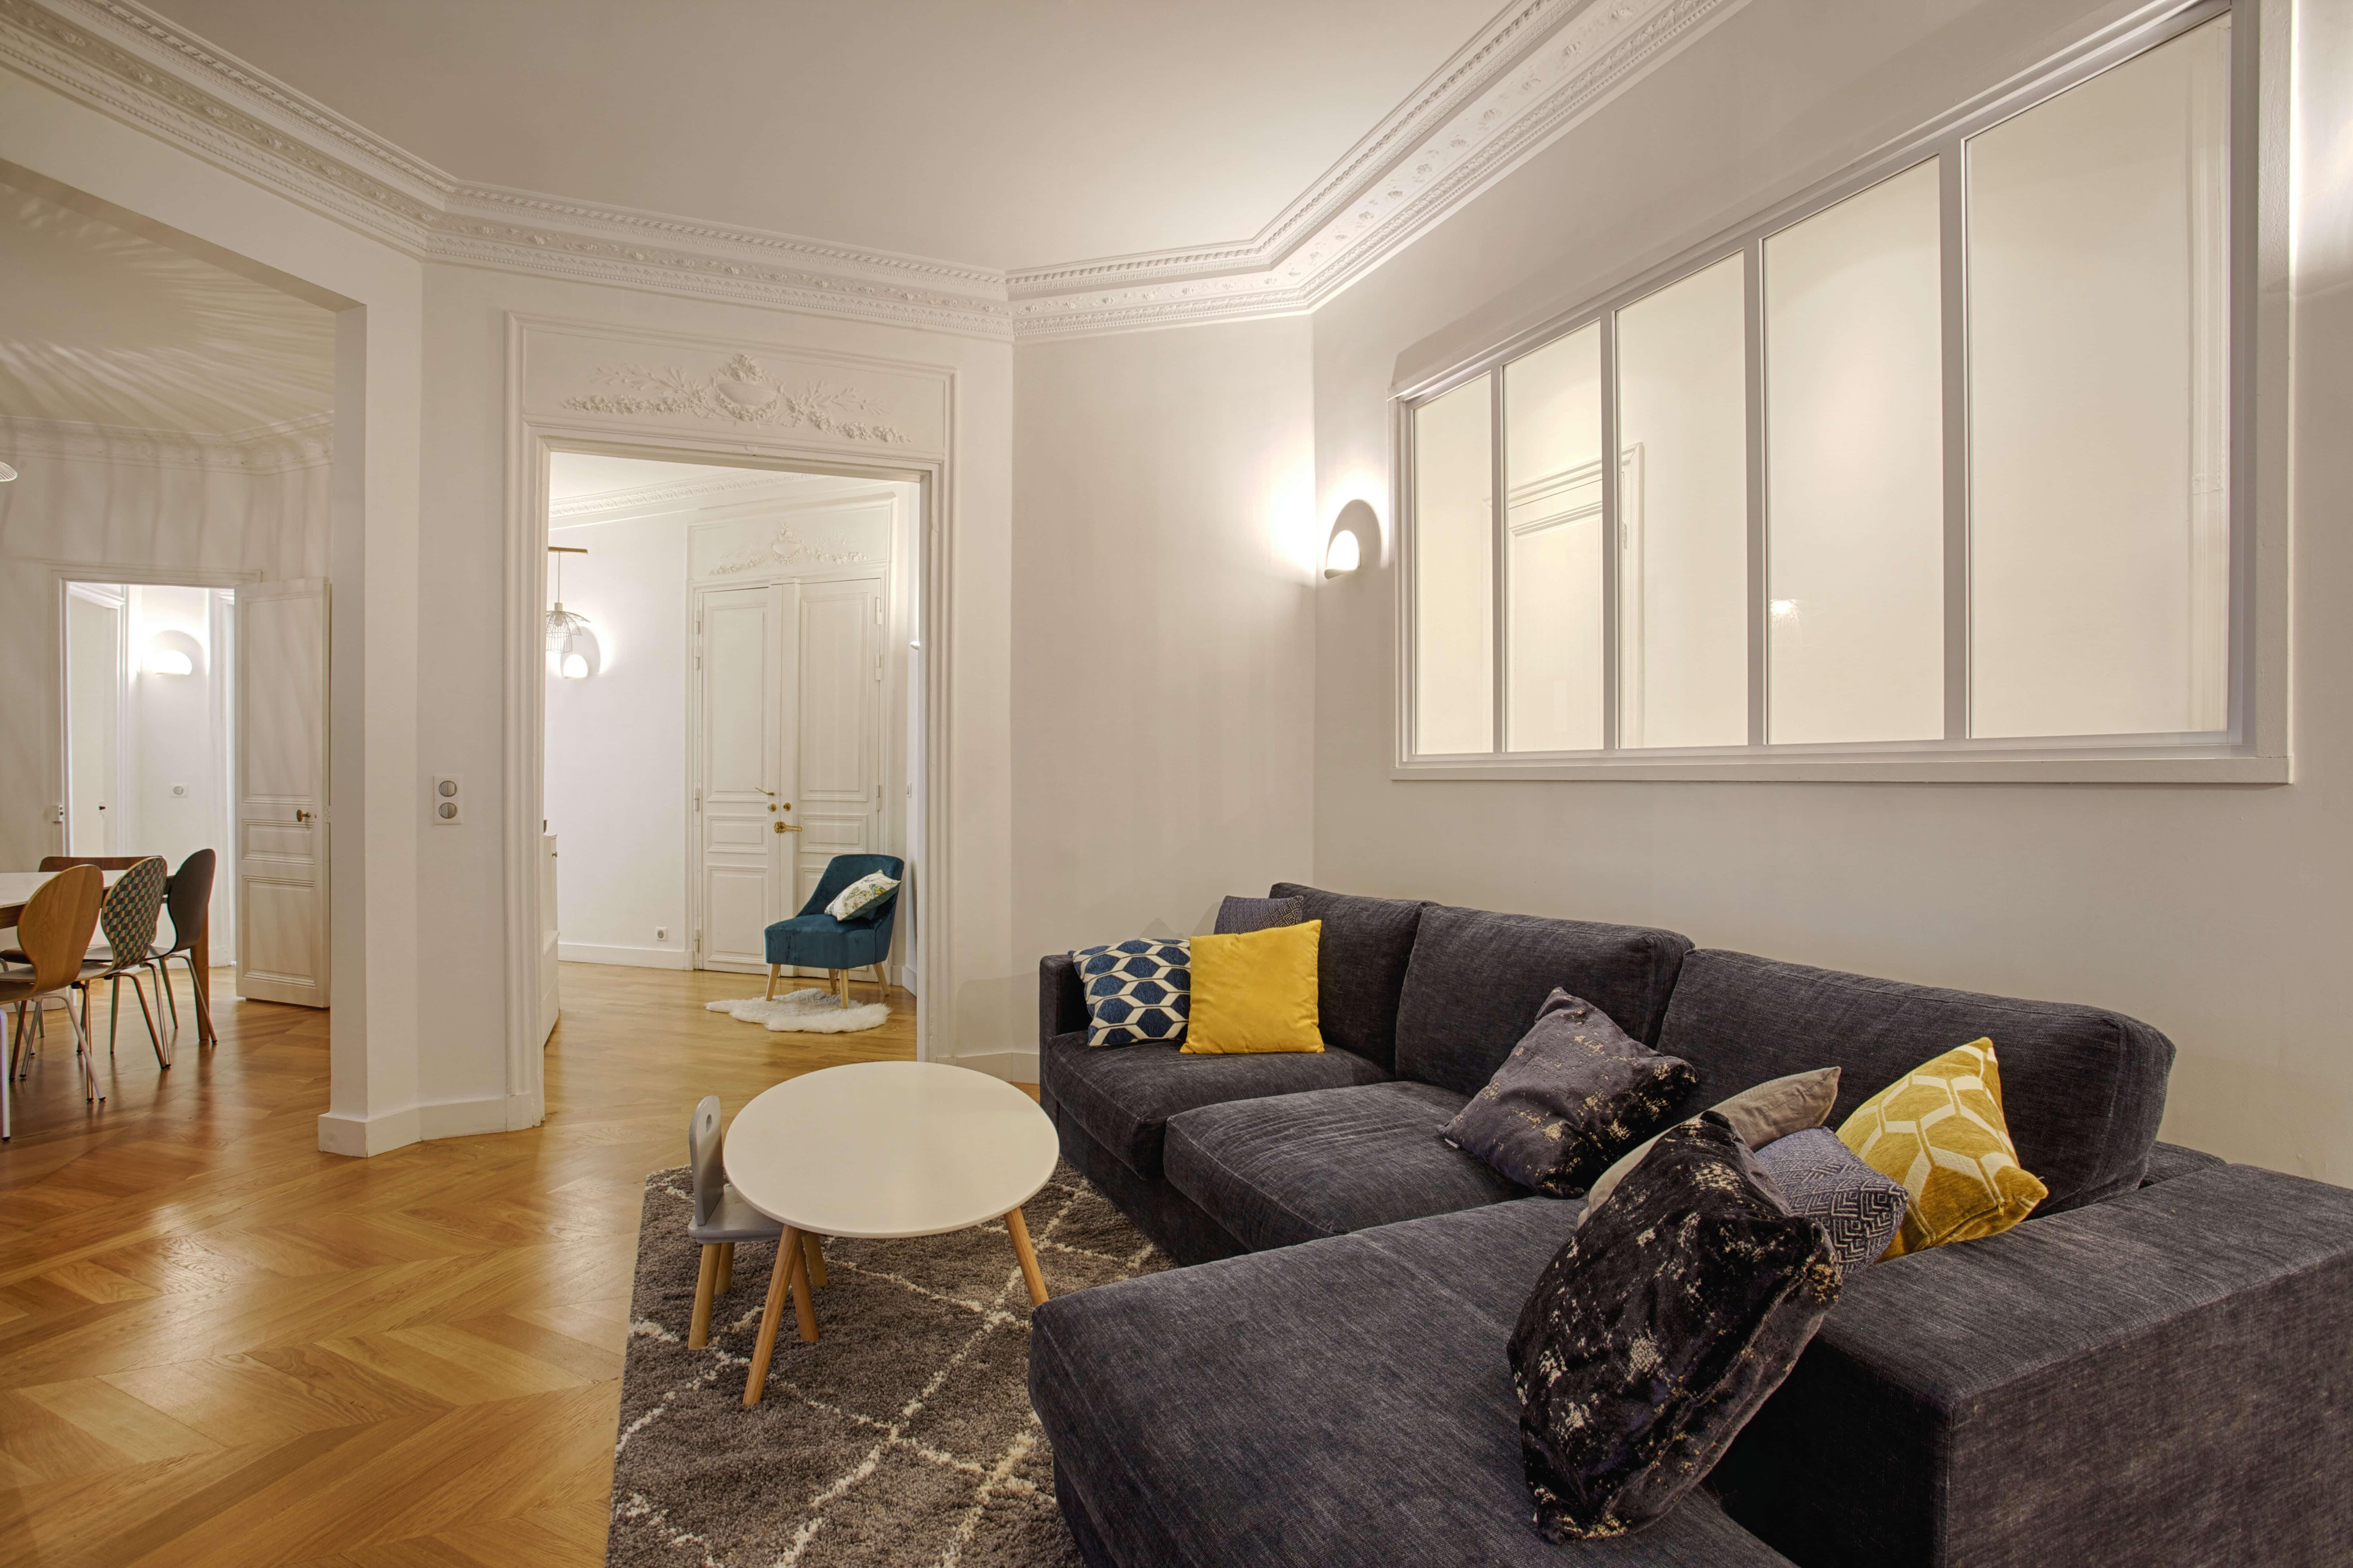 Decoration Appartement Haussmannien un 5 pièces haussmanien familial fait peau neuve - synergie deco